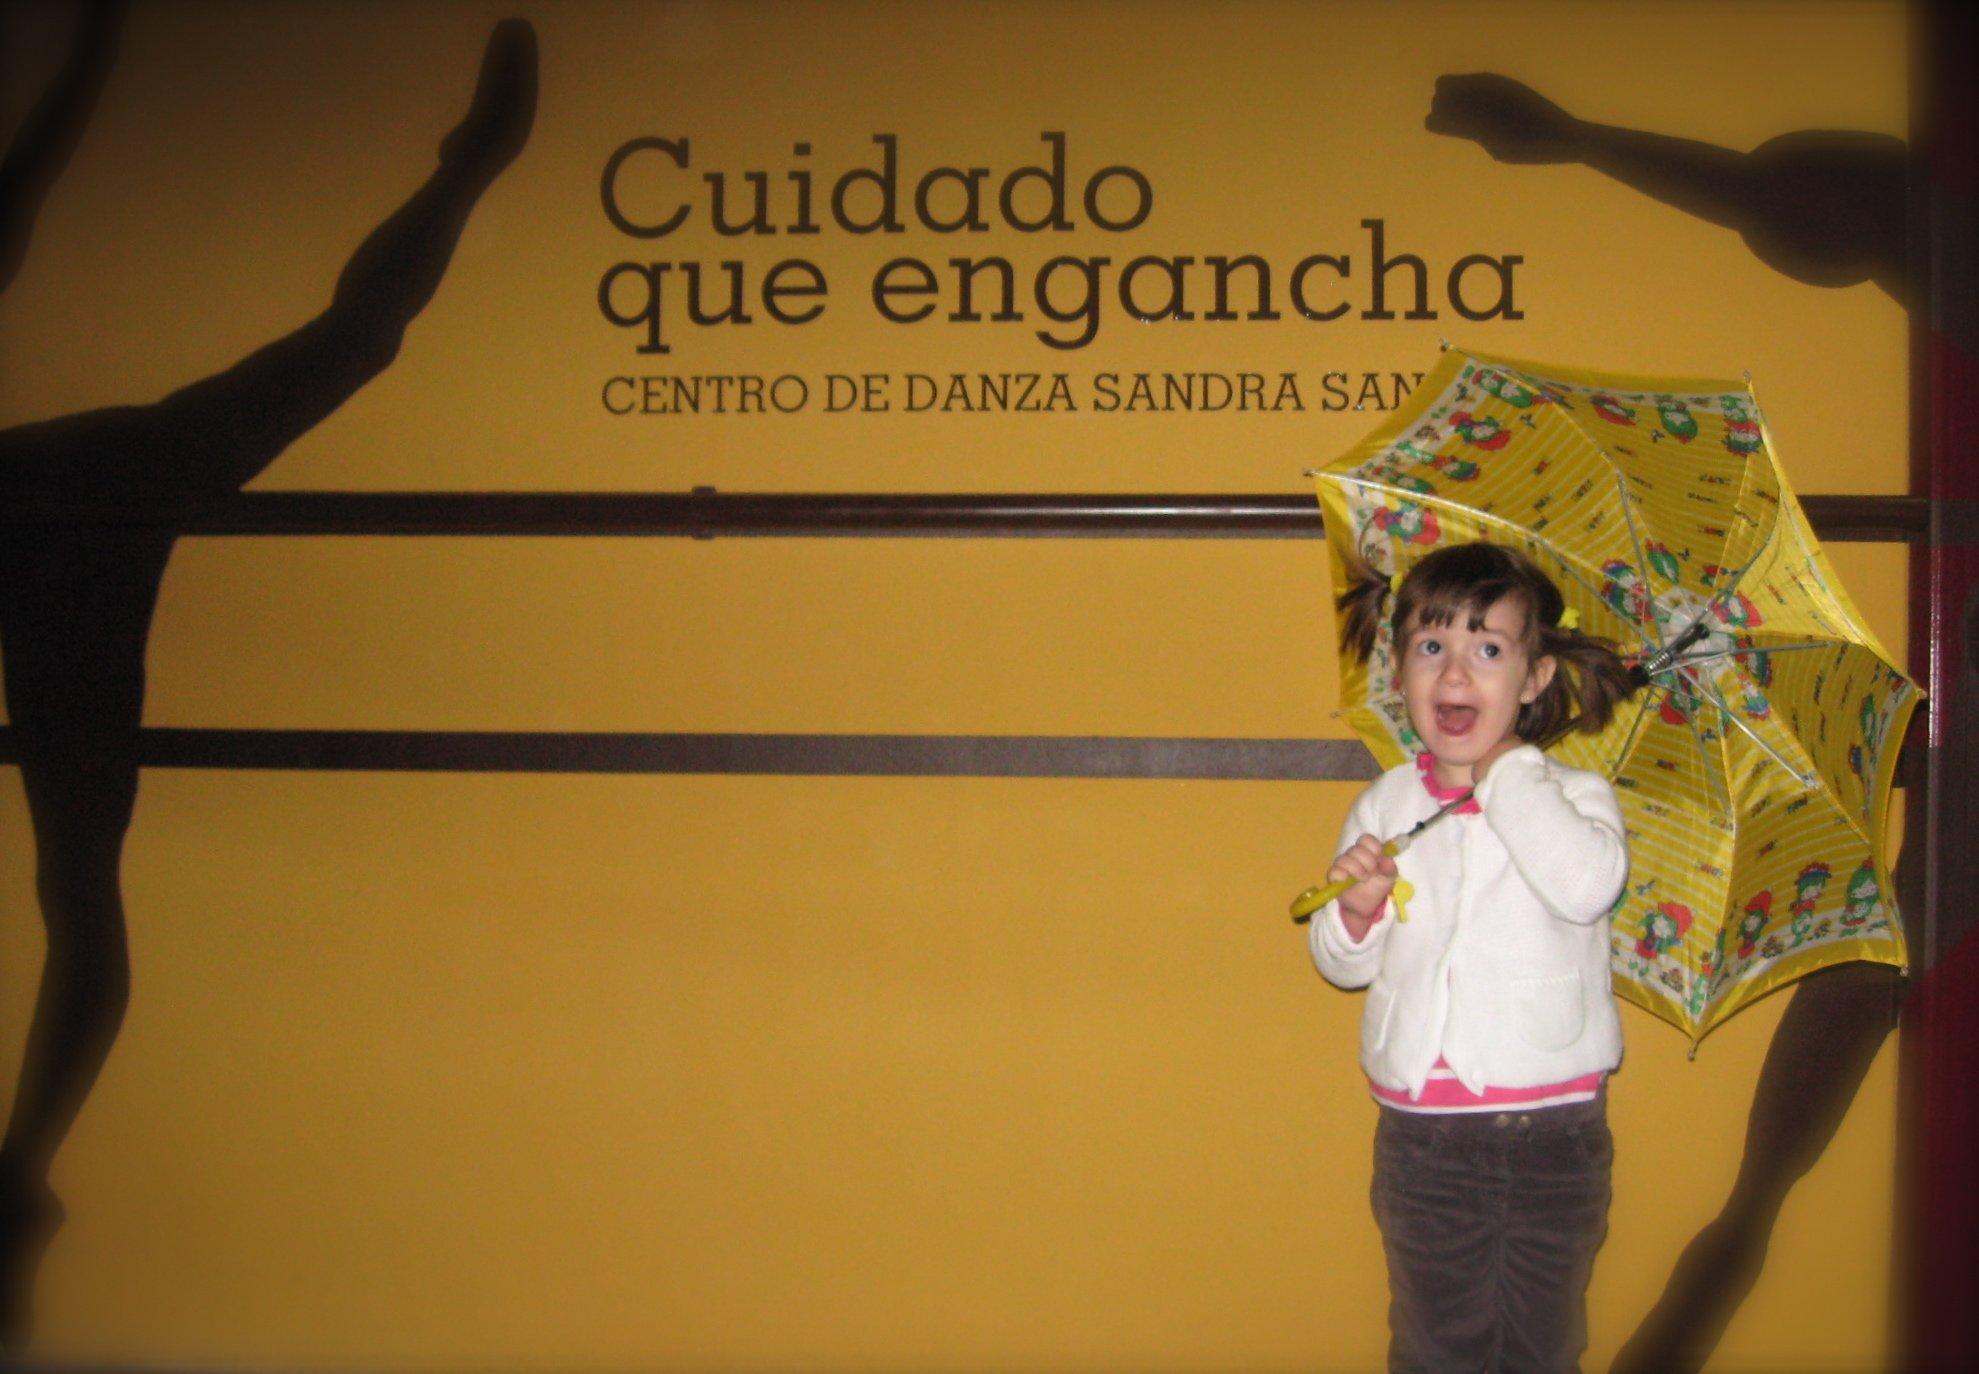 Foto divertida de una alumna de 5 años con dos coletas y la boca abierta en la fachada del Centro de Danza Sandra Santa Cruz agarrada a su paraguas abierto que apoya sobre un hombro.